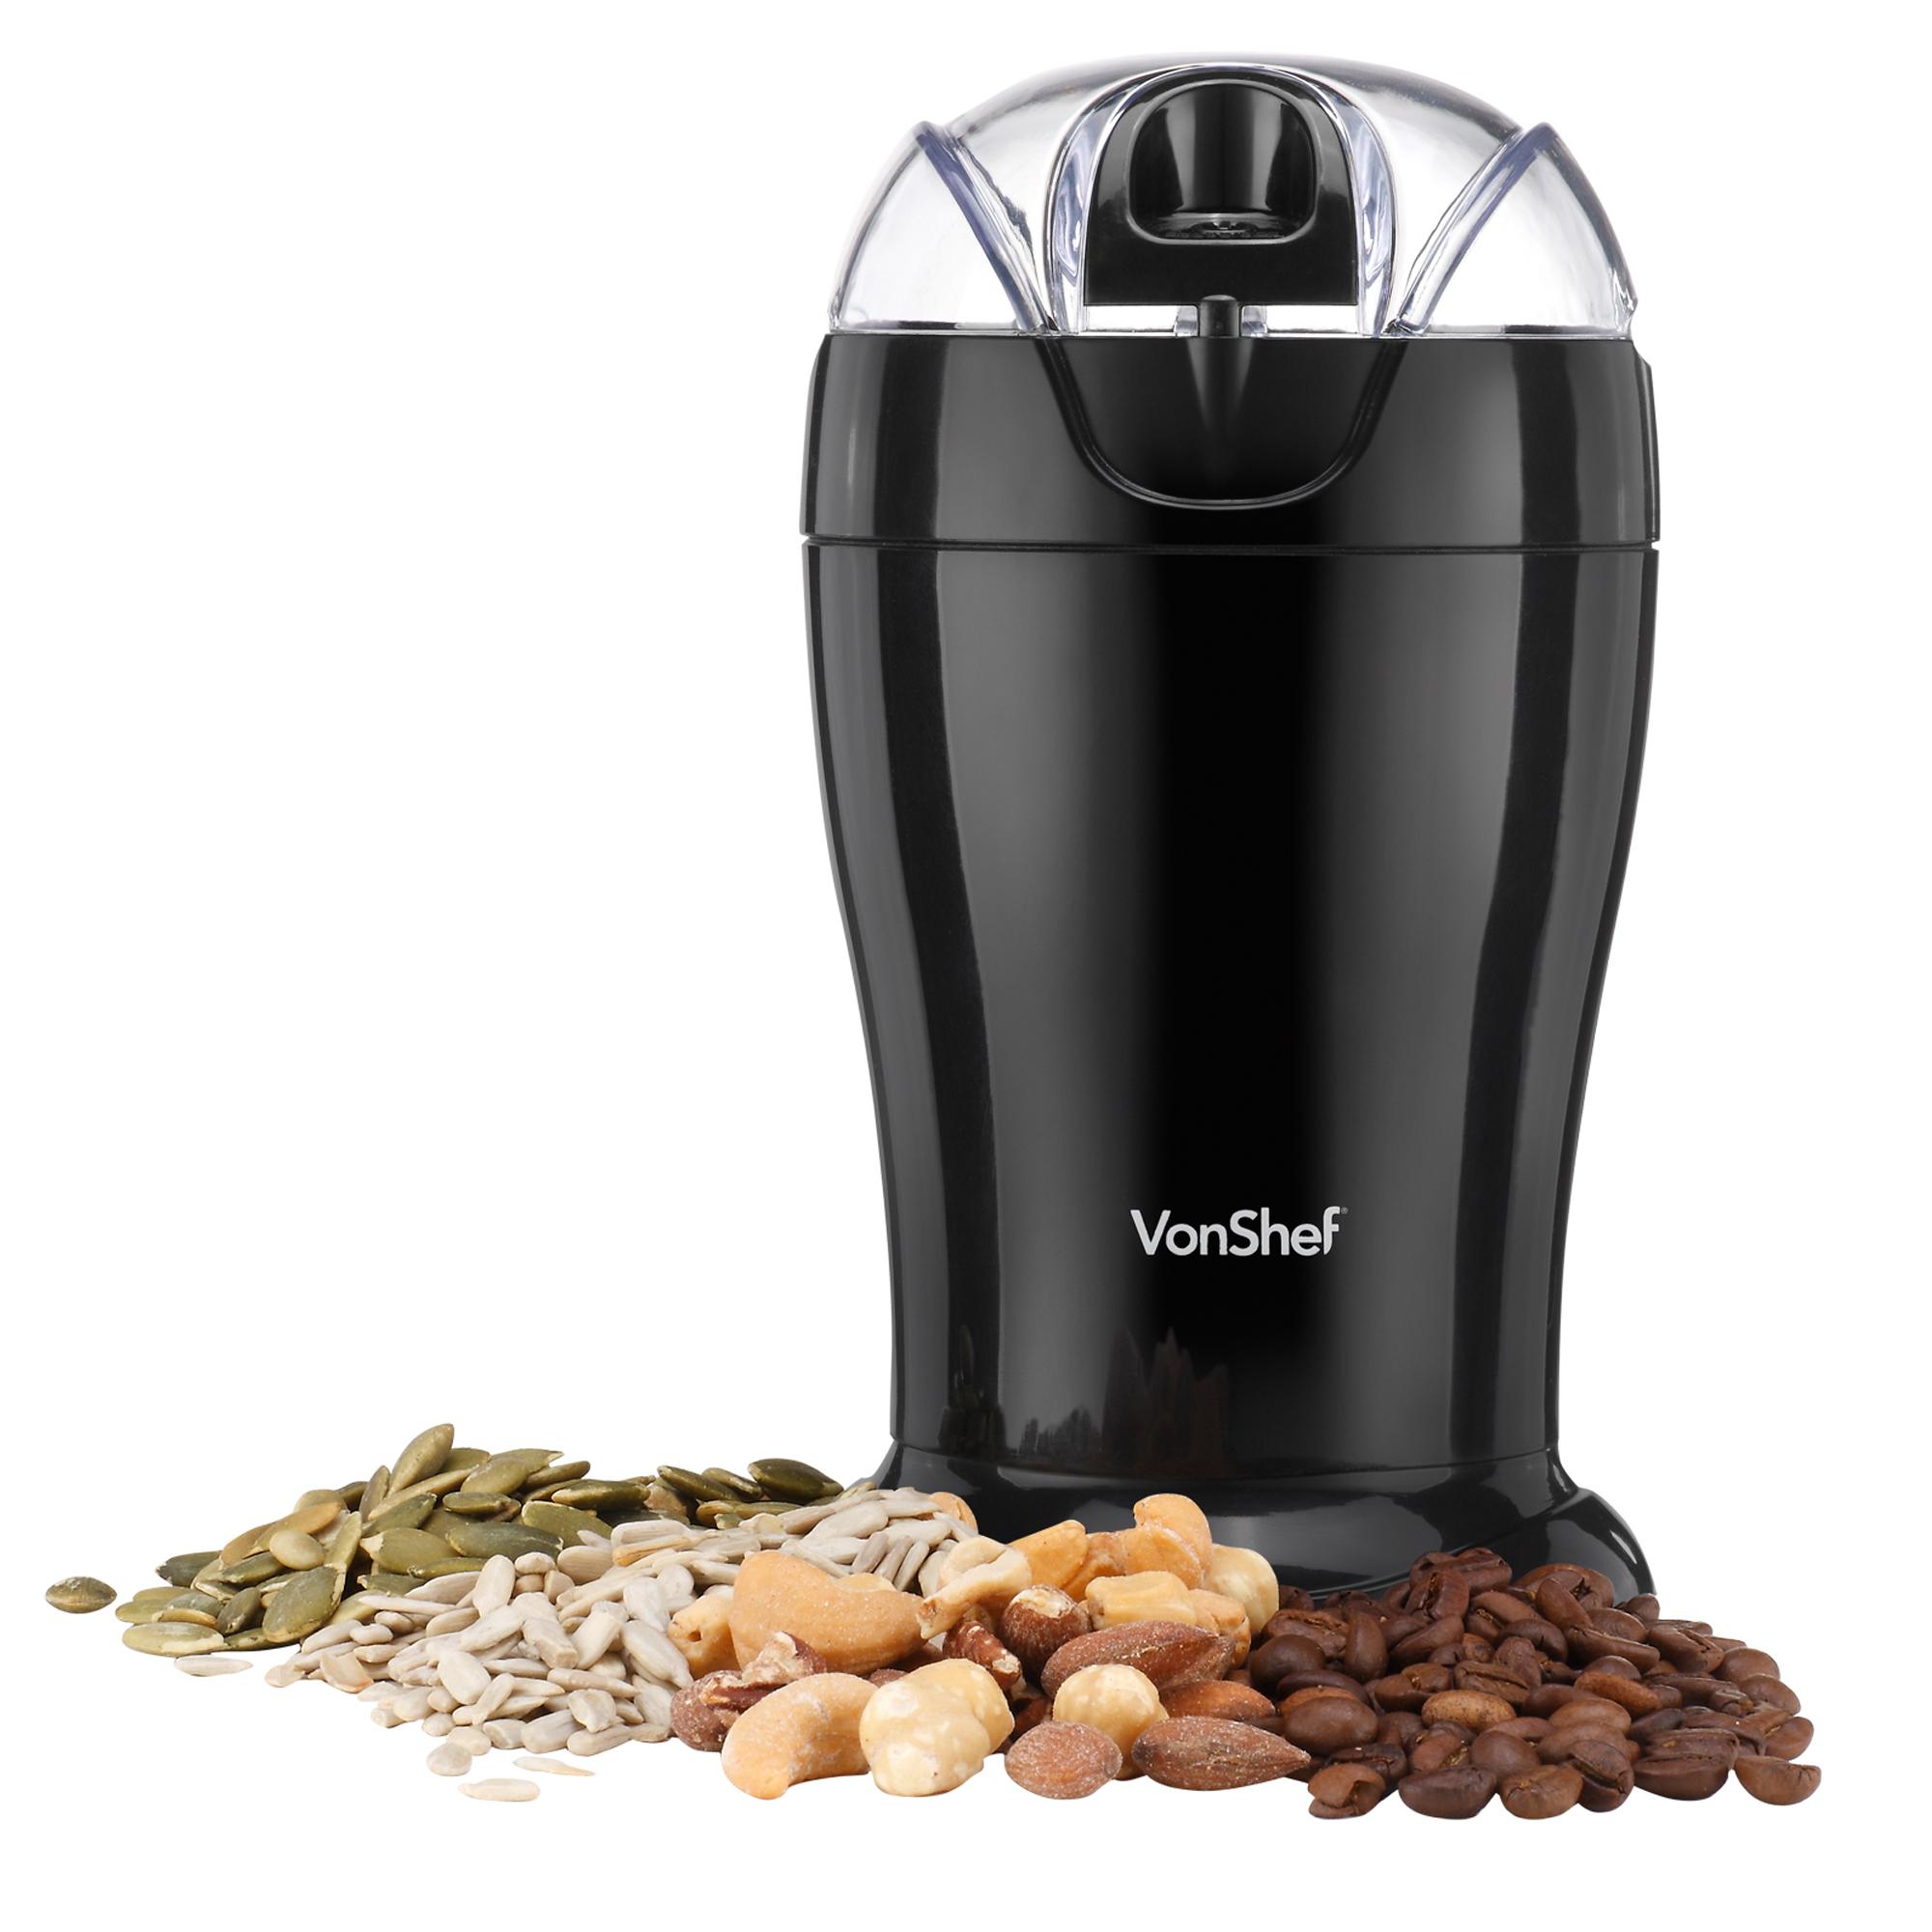 Coffee Maker Whole Bean Grinder : VonShef Electric Whole Coffee Bean Grinder Nut Spice Blender Espresso 150W eBay